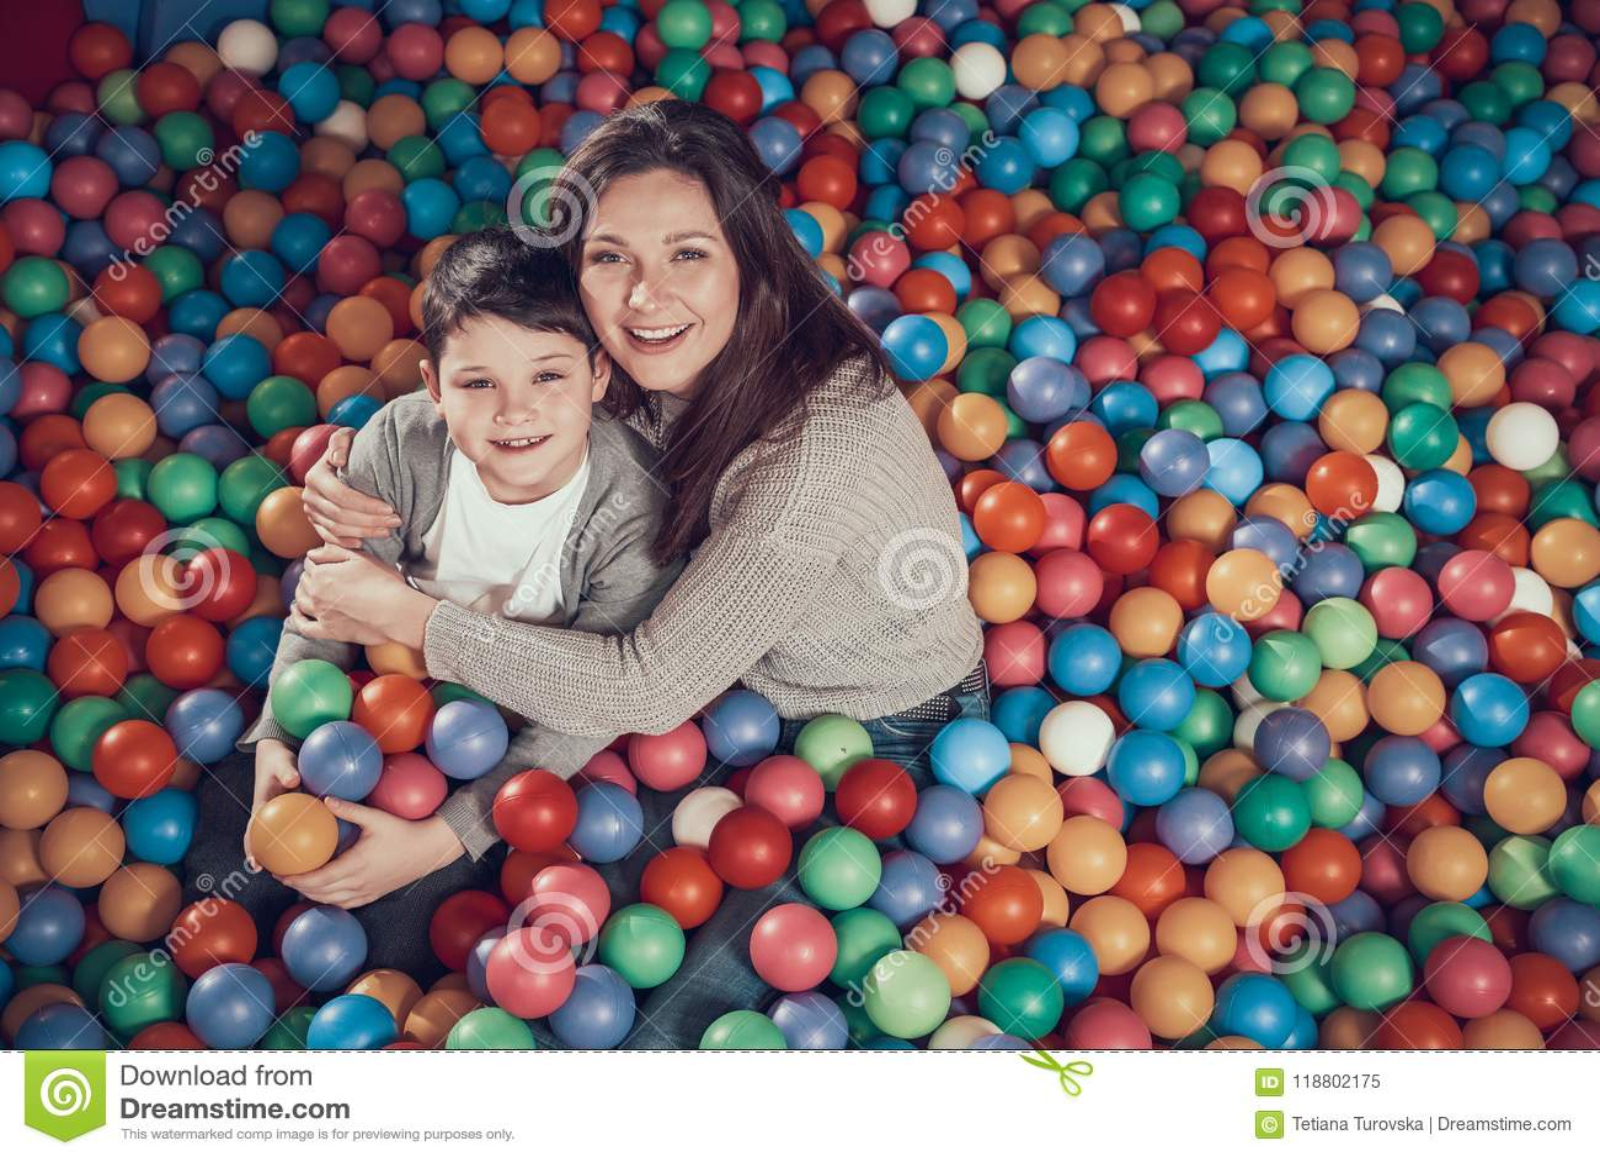 Взгляд сверху Усмехаясь мама и сын в бассейне с шариками